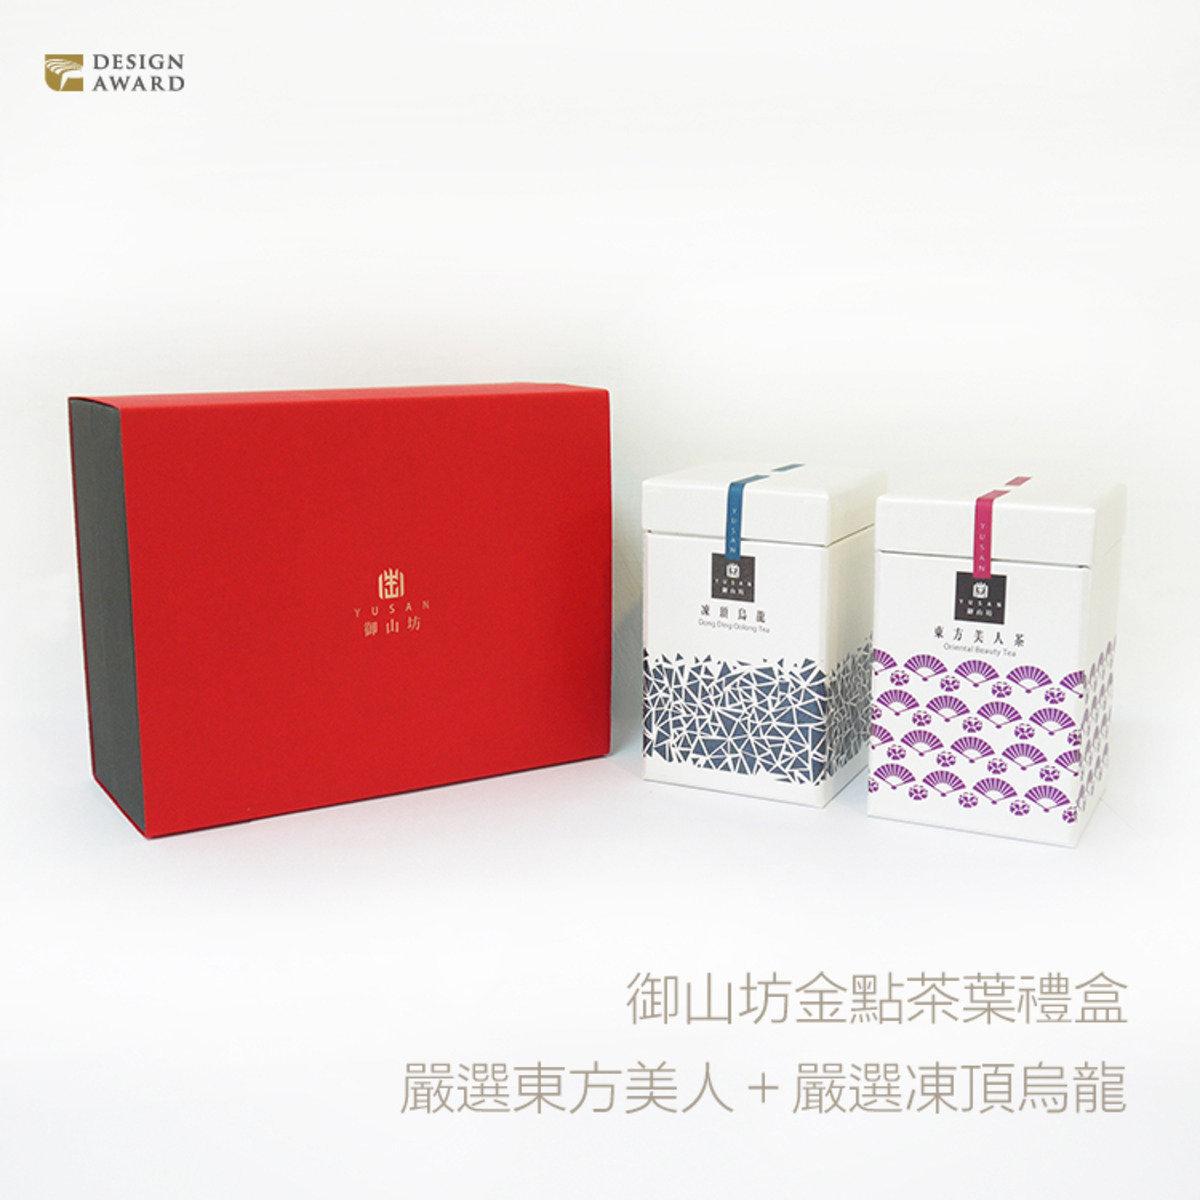 御山坊 『御品』 凍頂烏龍 VS 東方美人茶 典藏禮盒 (2入/盒)